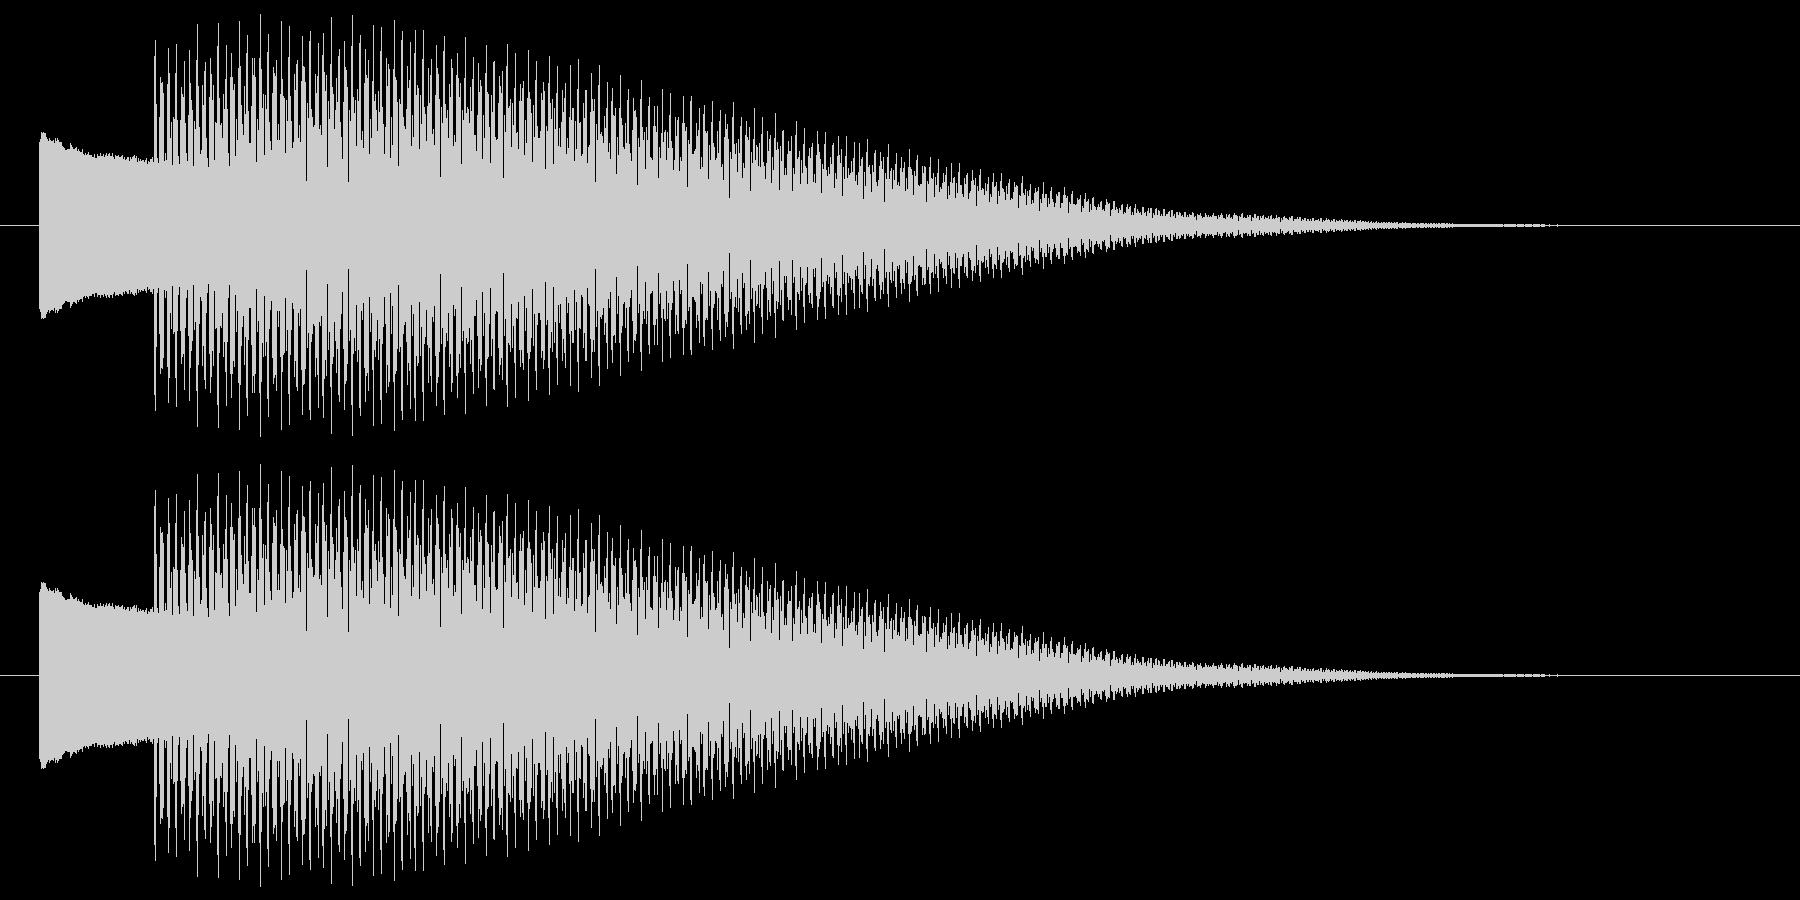 ピコーン 決定 選択 開始 セレクト音の未再生の波形